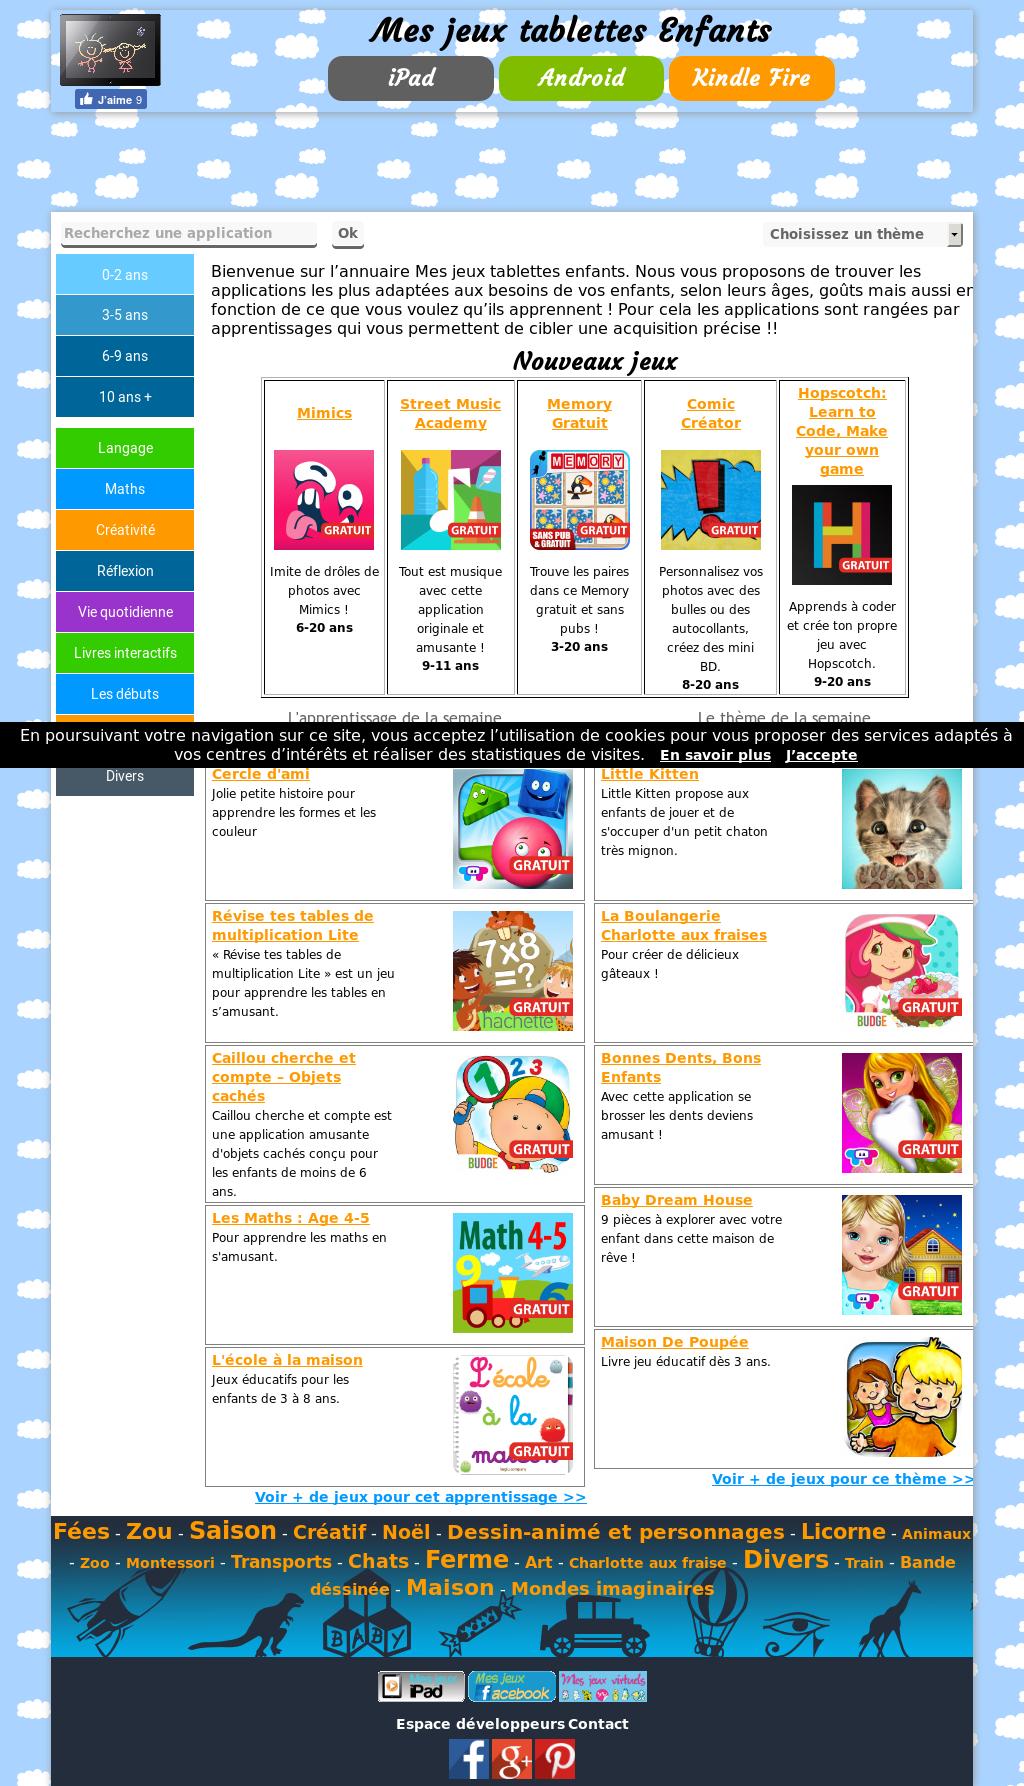 Mes Jeux Tablettes Enfants Competitors, Revenue And tout Jeux De Memory Gratuit